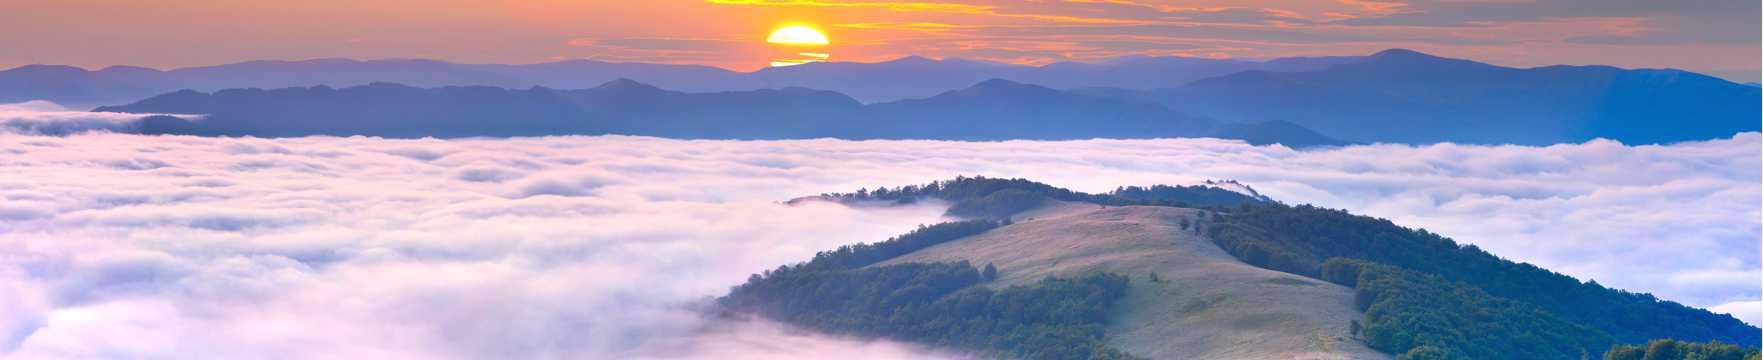 朝阳云彩唯美境界图片